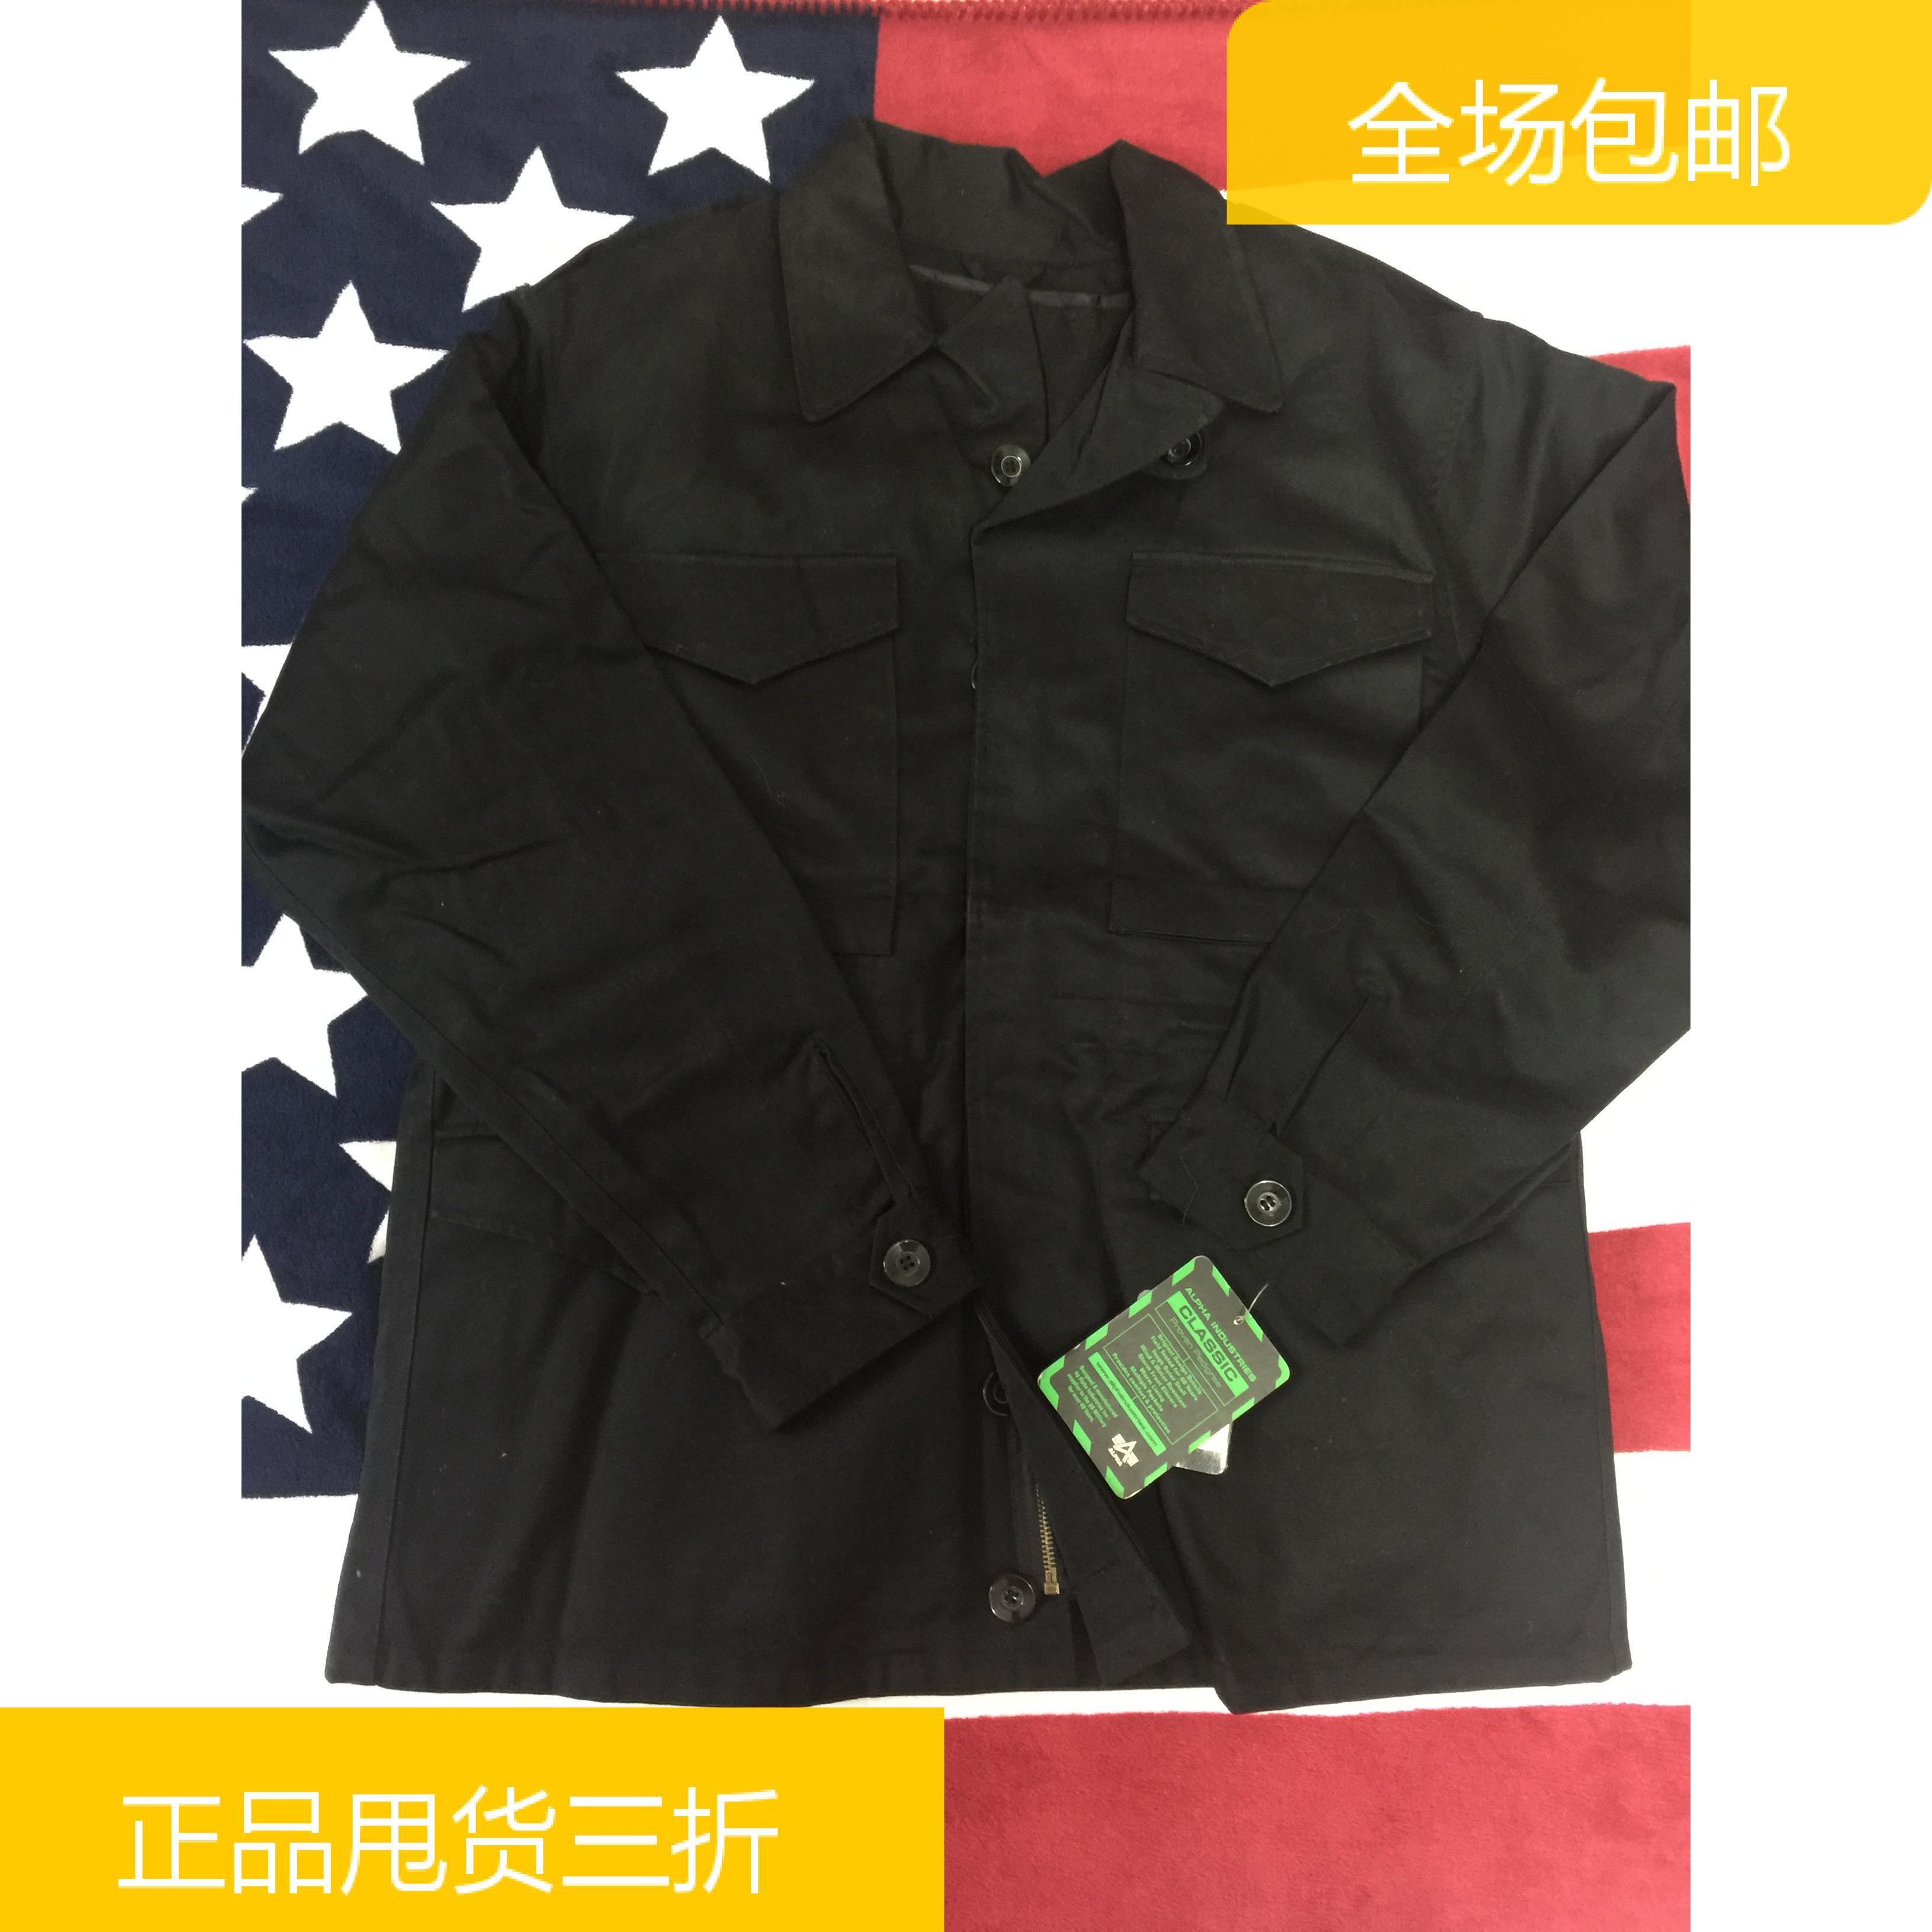 包邮美国ALPHA 阿尔法M43战地风衣 二战经典作战服 西式翻领外套